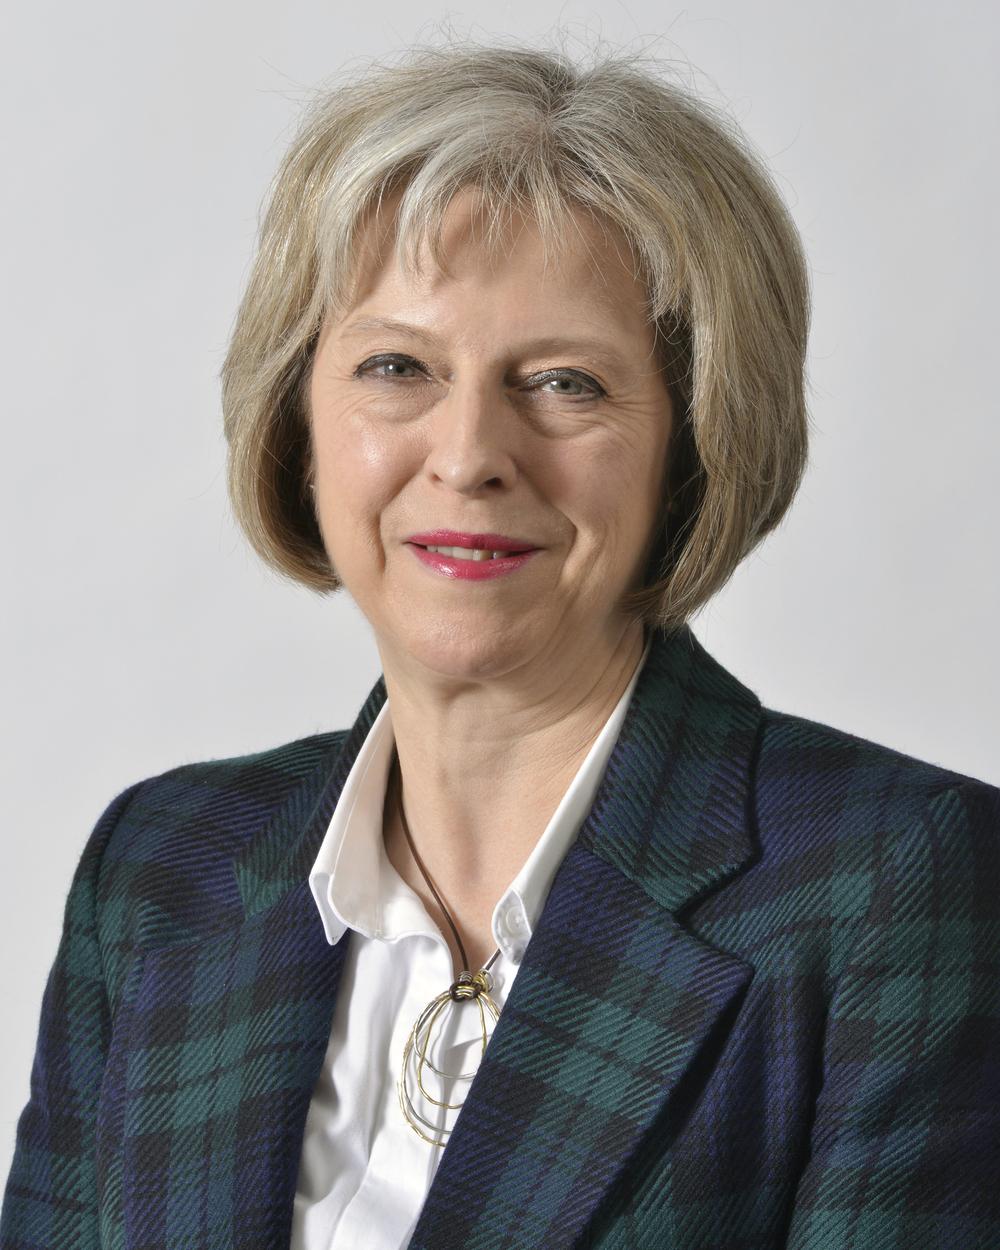 Theresa May. Credit: U.K. Home Office.